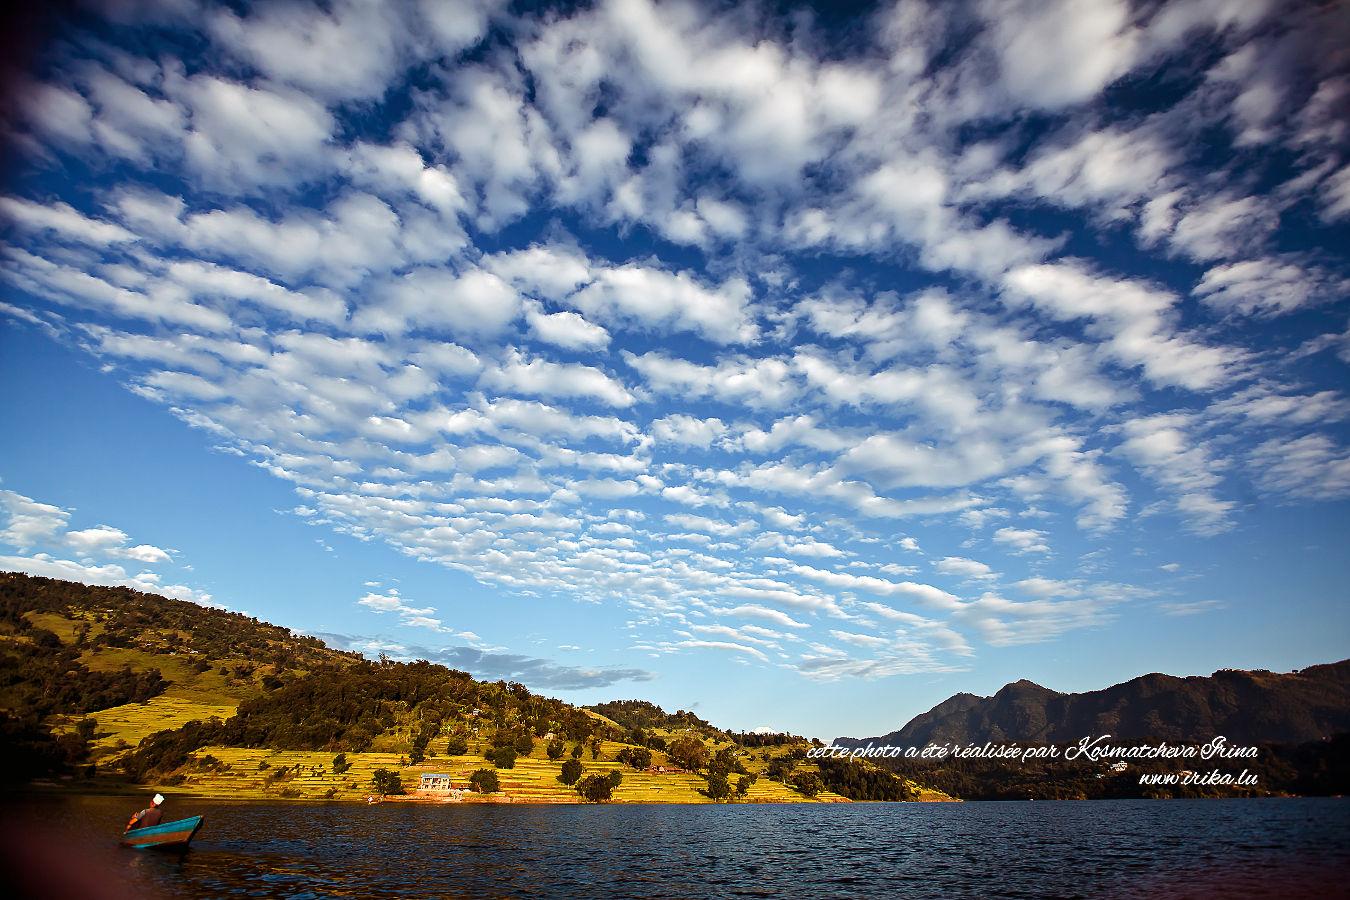 Les nuages qui bougent